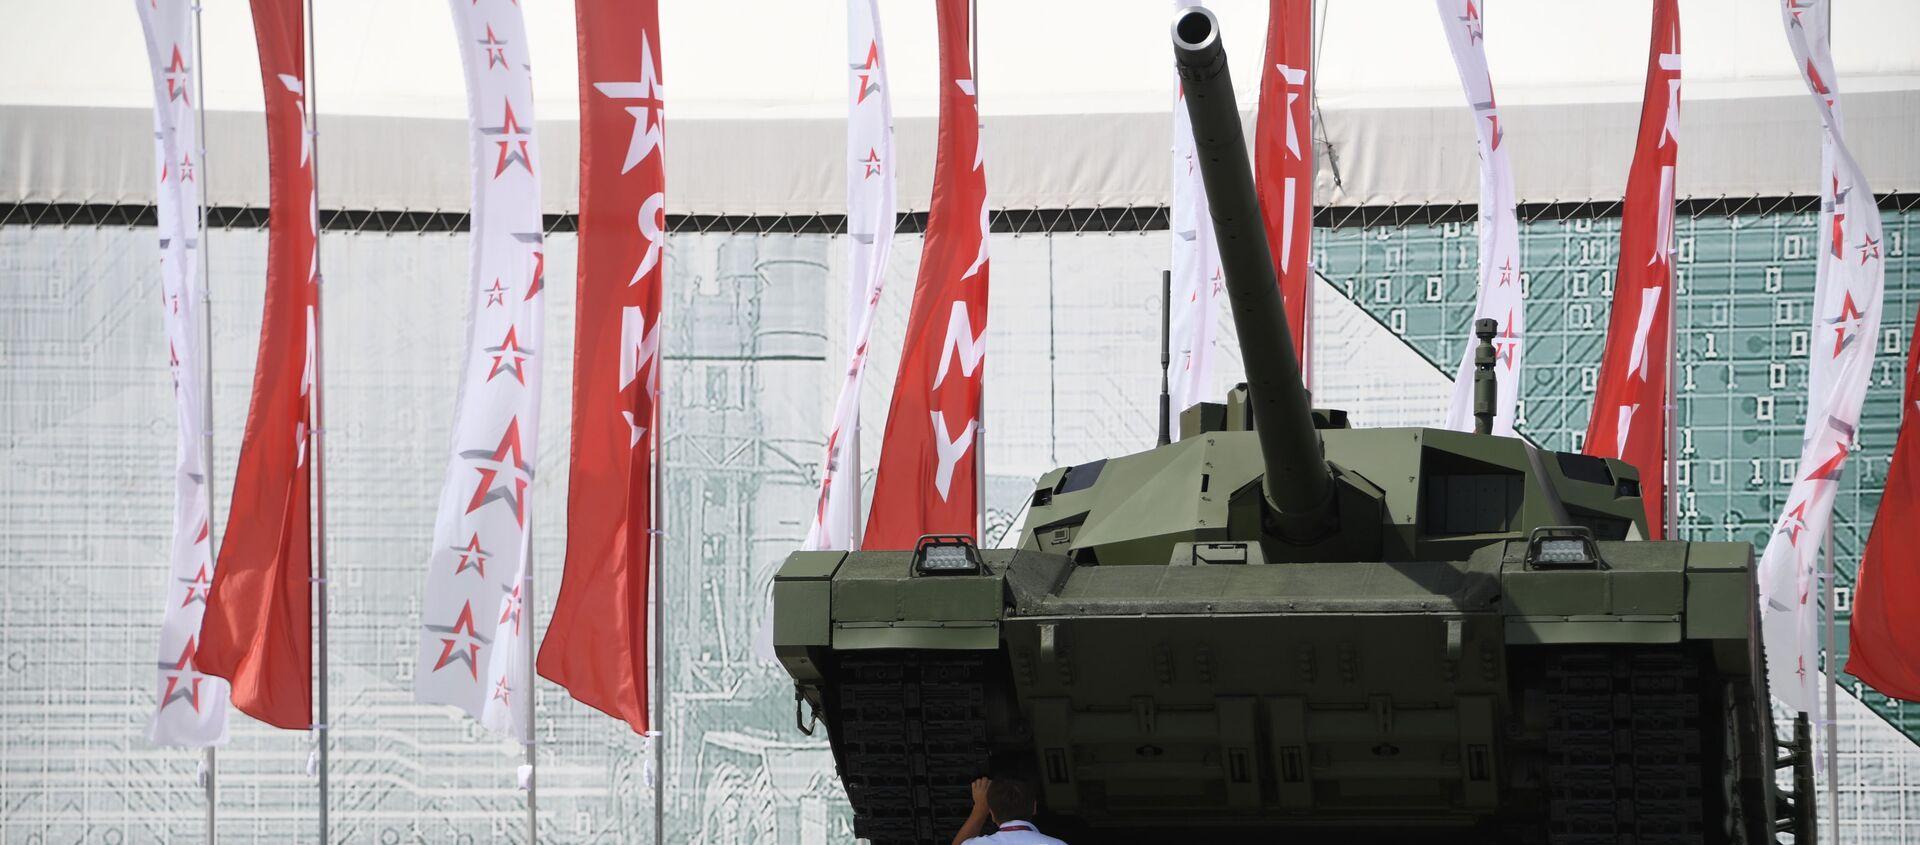 """Rosyjski czołg T-14 Armata na Międzynarodowym Forum Wojskowym """"Armia-2019""""   - Sputnik Polska, 1920, 04.02.2021"""